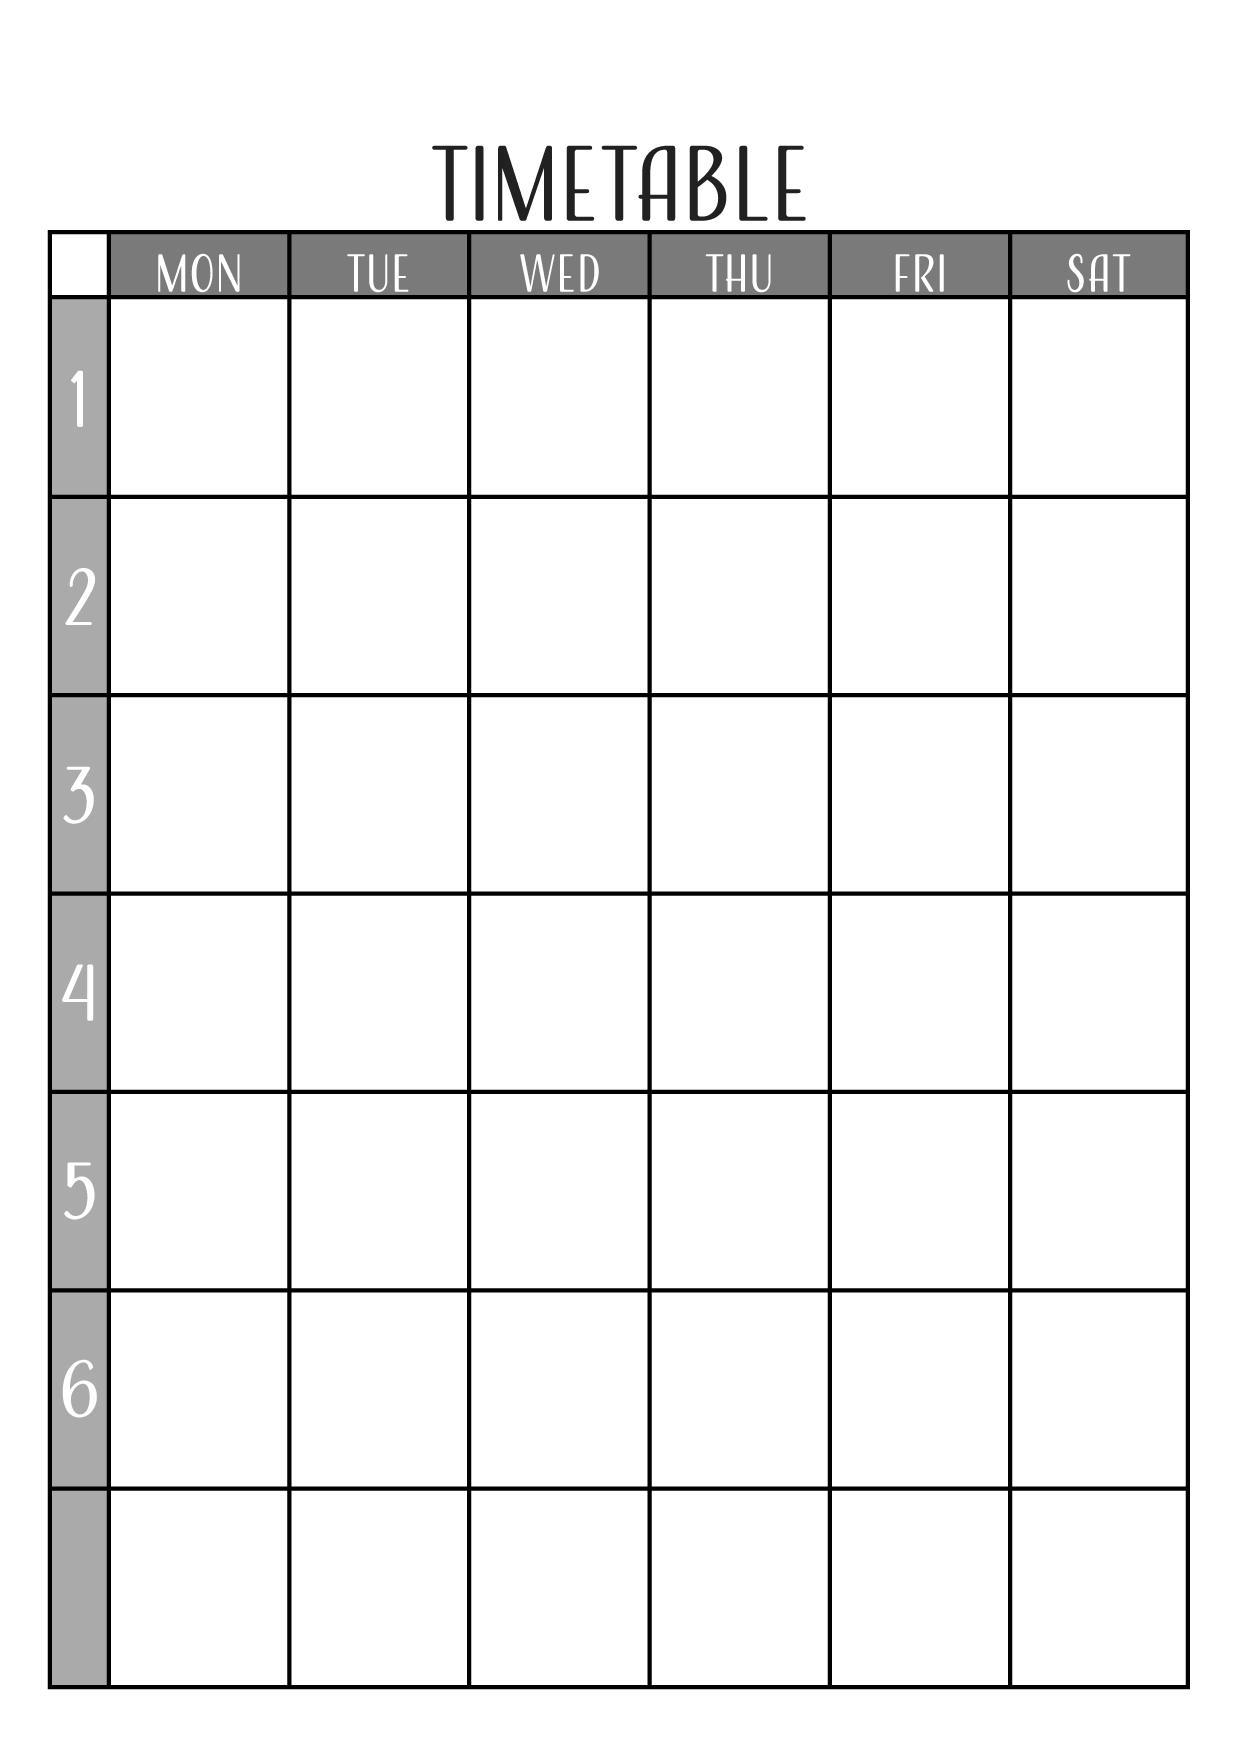 英語の時間割表テンプレート/縦型・エクセル・ナンバーズ